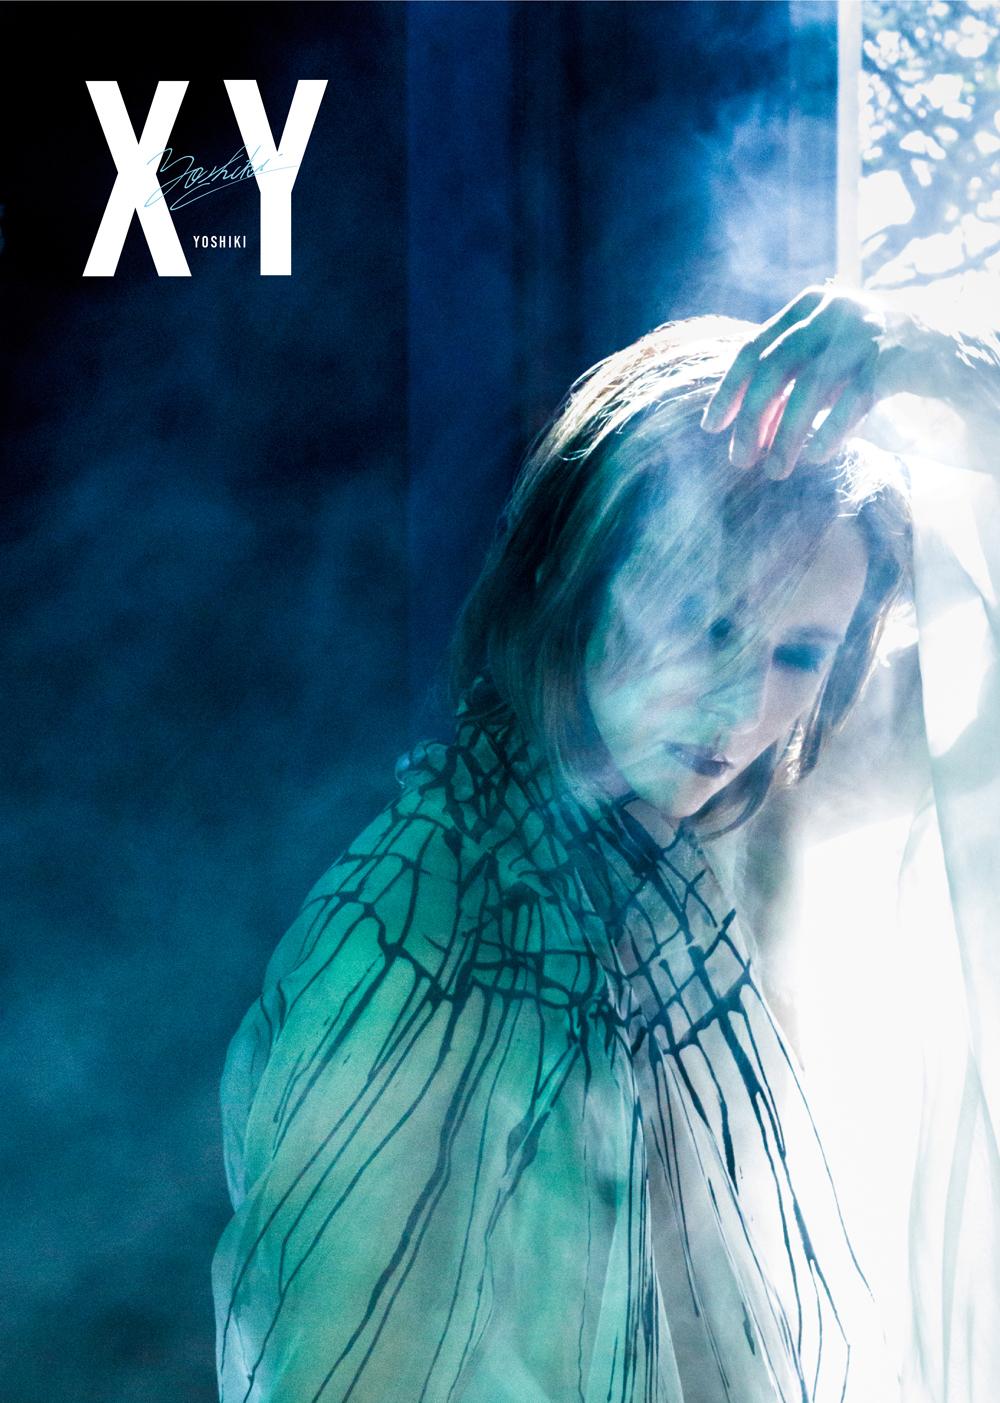 メイキングDVD&豪華化粧箱入りのプレミアム写真集「XY」